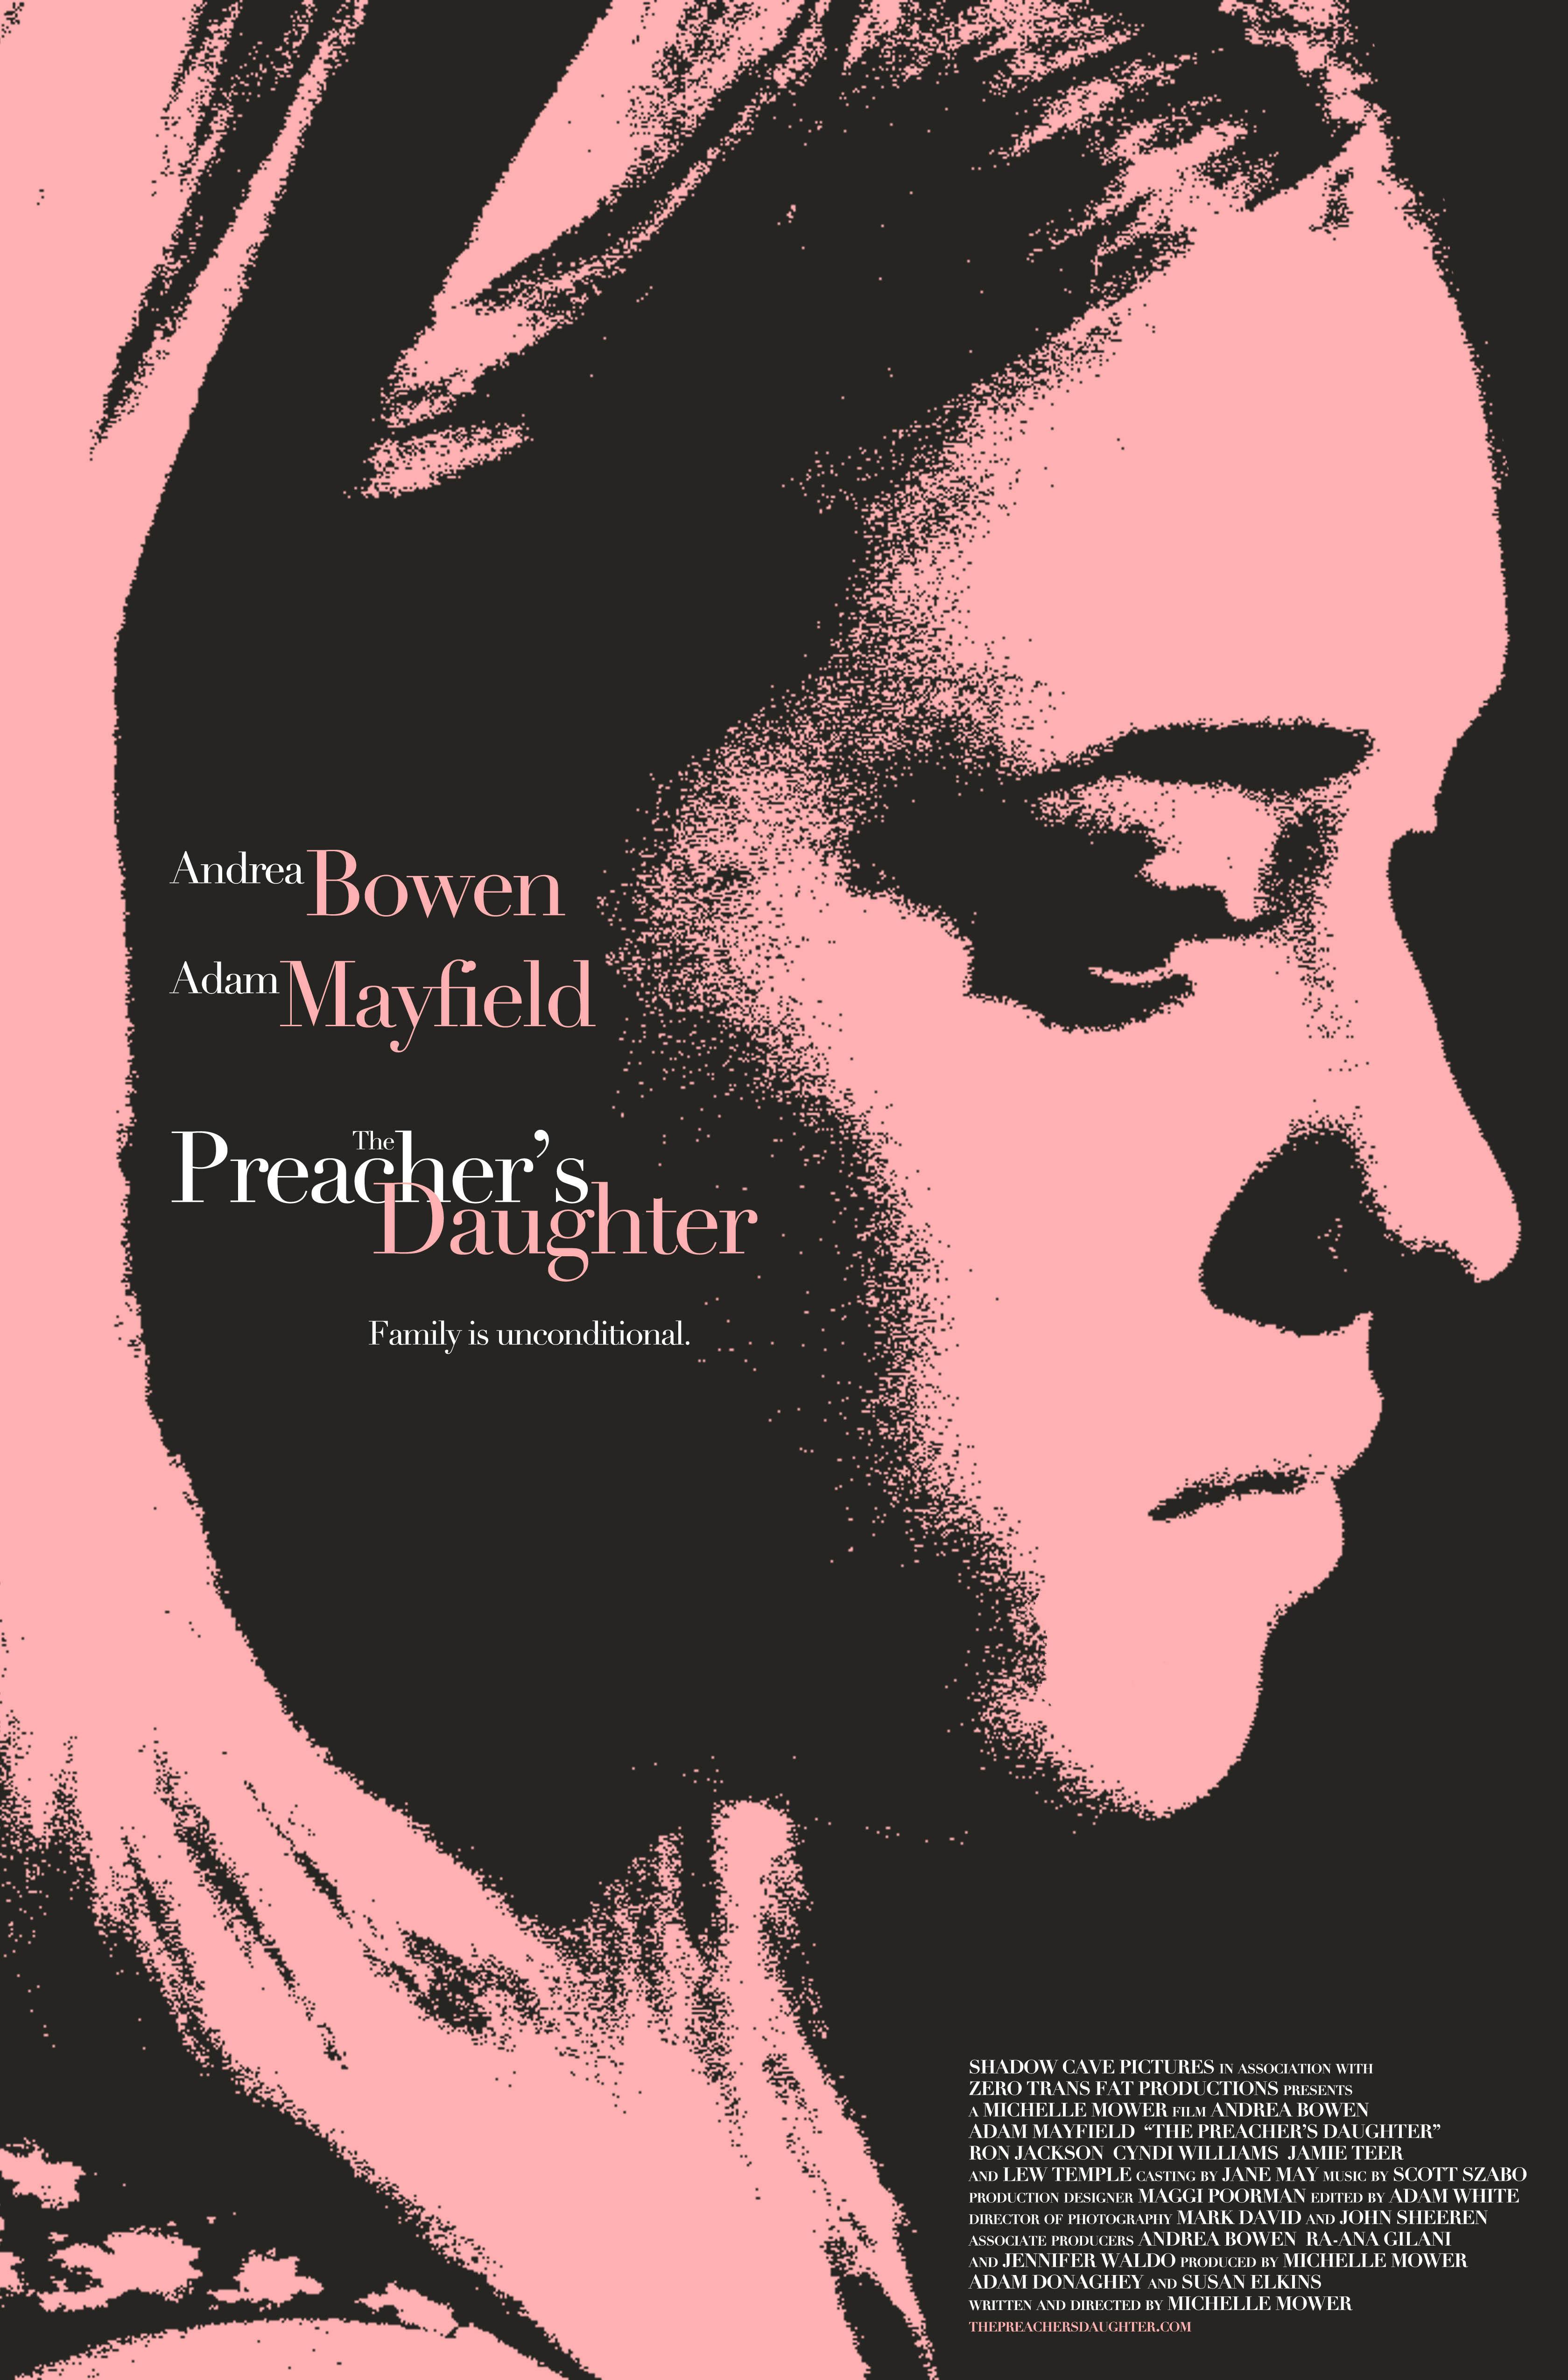 preachers daughter movie watch online